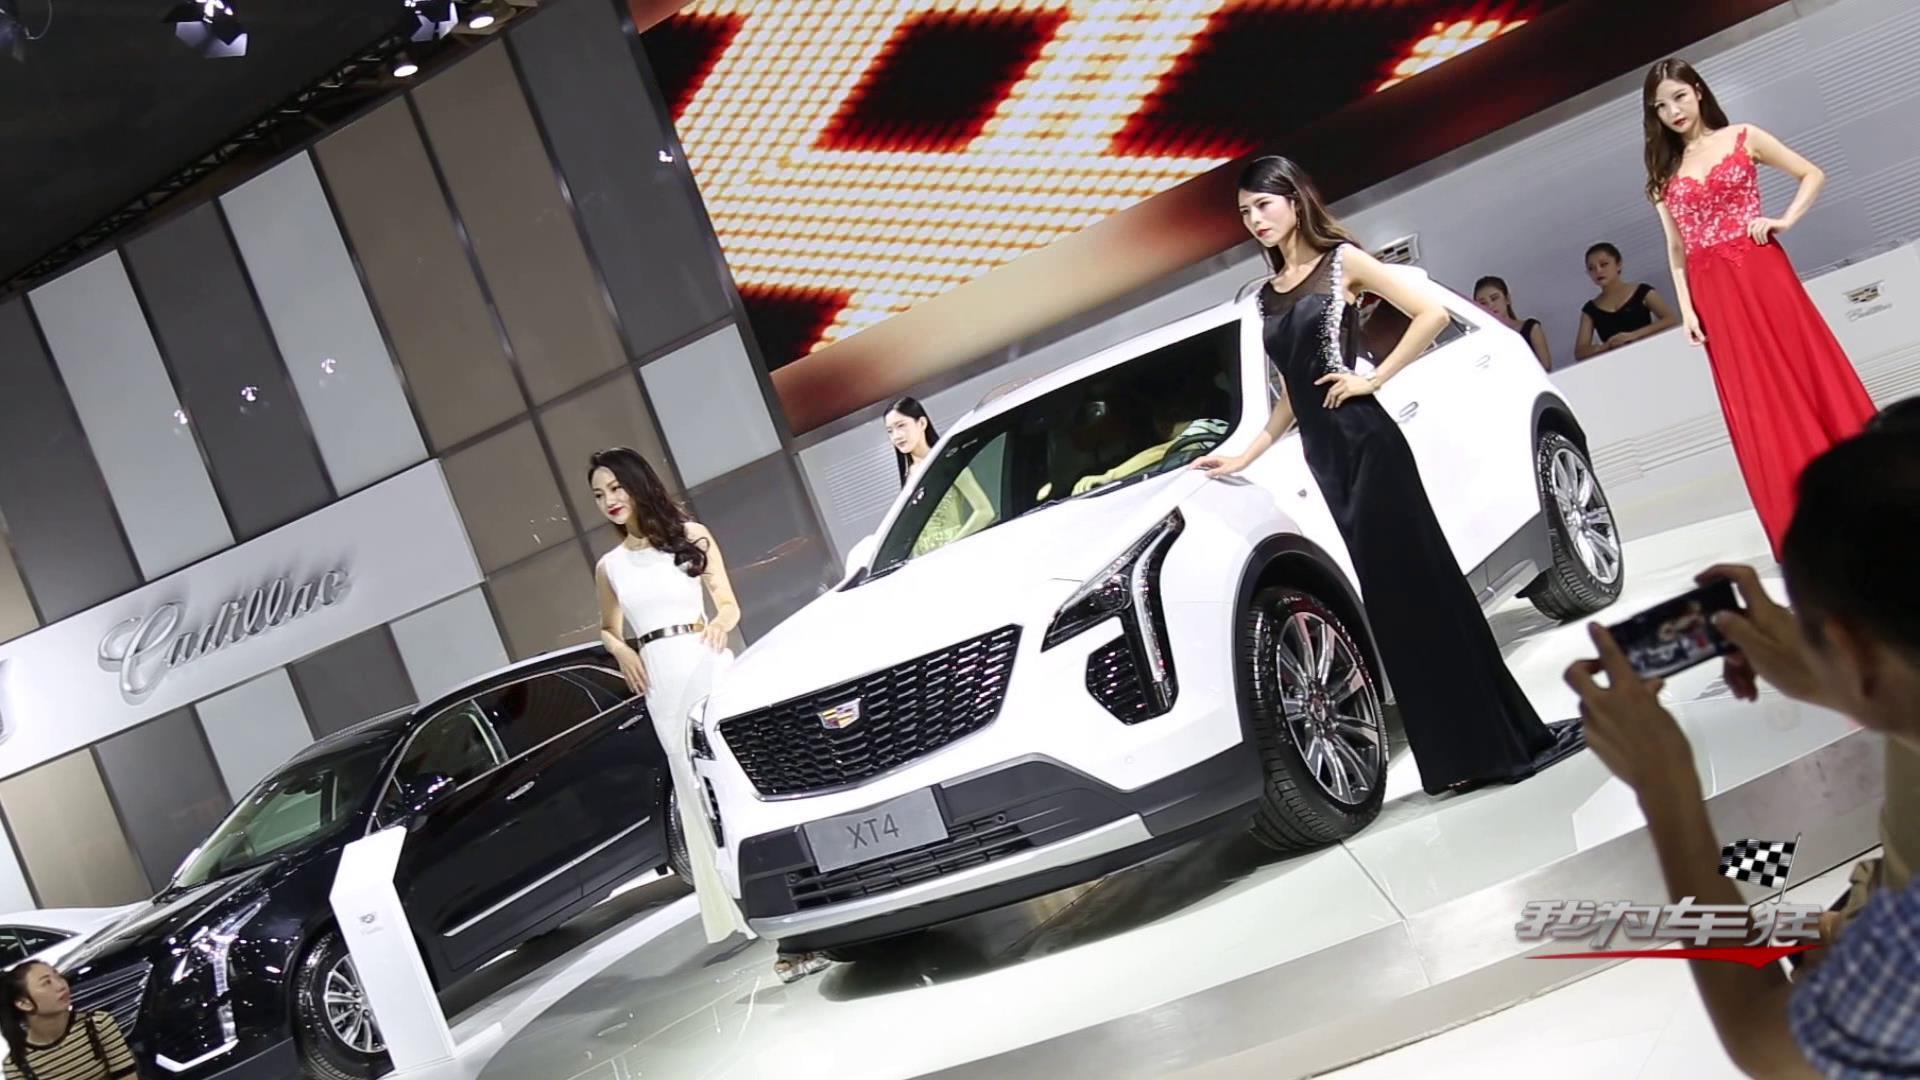 豪华运动引领年轻新时尚 凯迪拉克XT4榕城上市